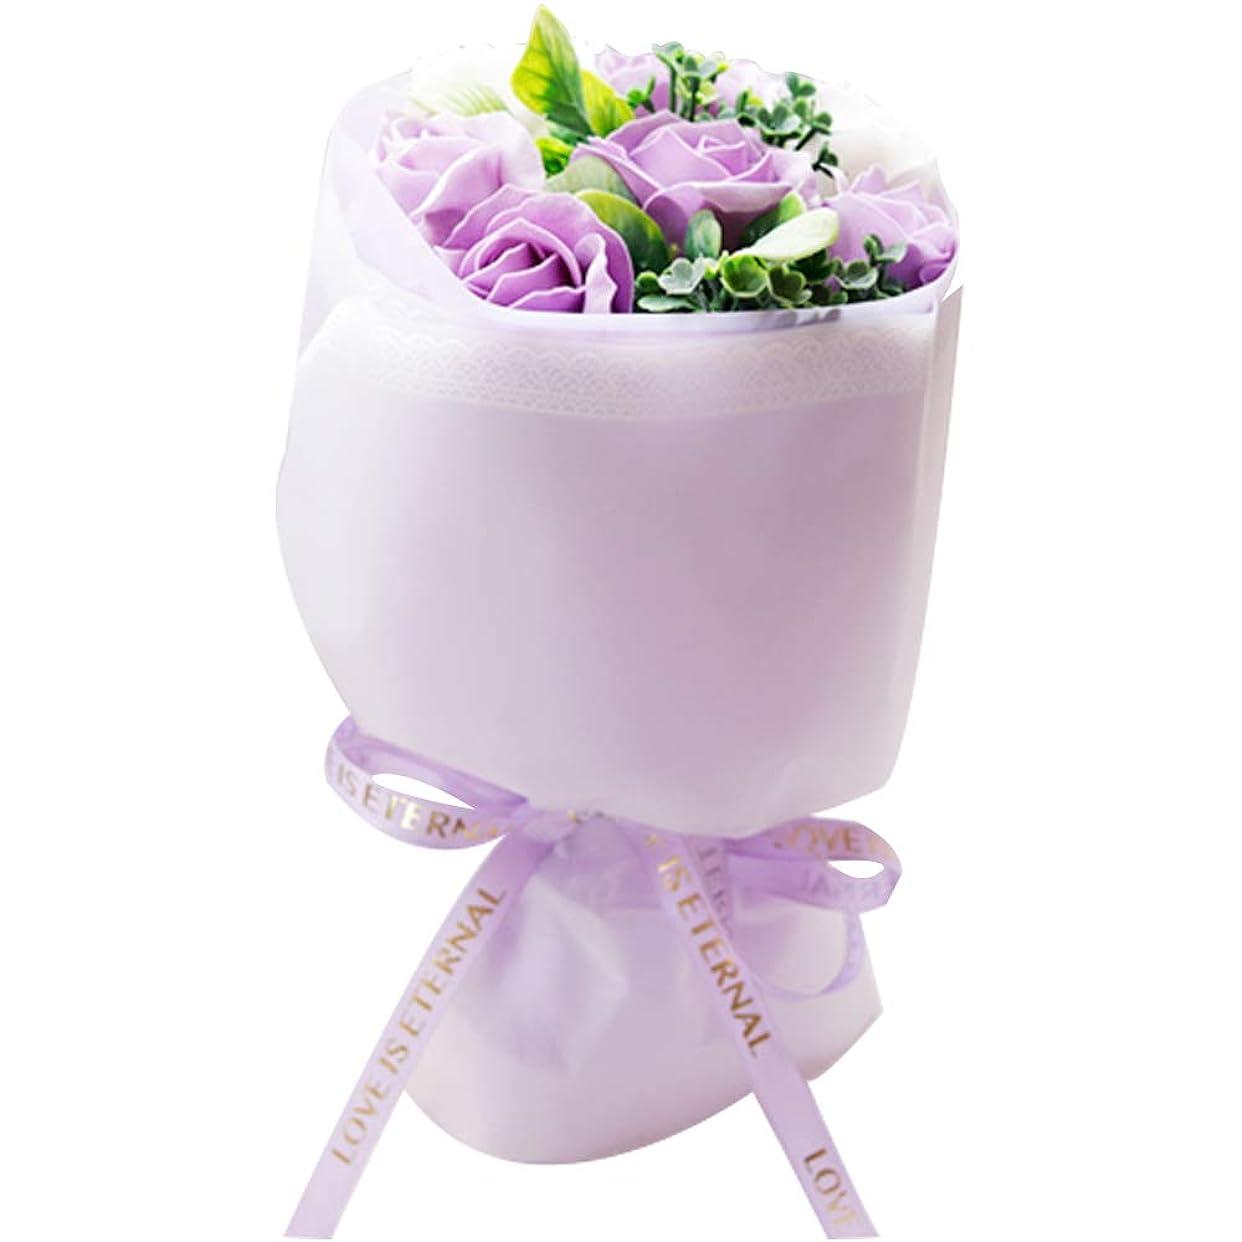 インフレーション首相画面ギフト 花束 ブーケ ソープフラワー 花 バラ 紫陽花 フラワー 造花 結婚祝い 誕生日 記念日 (パープル)